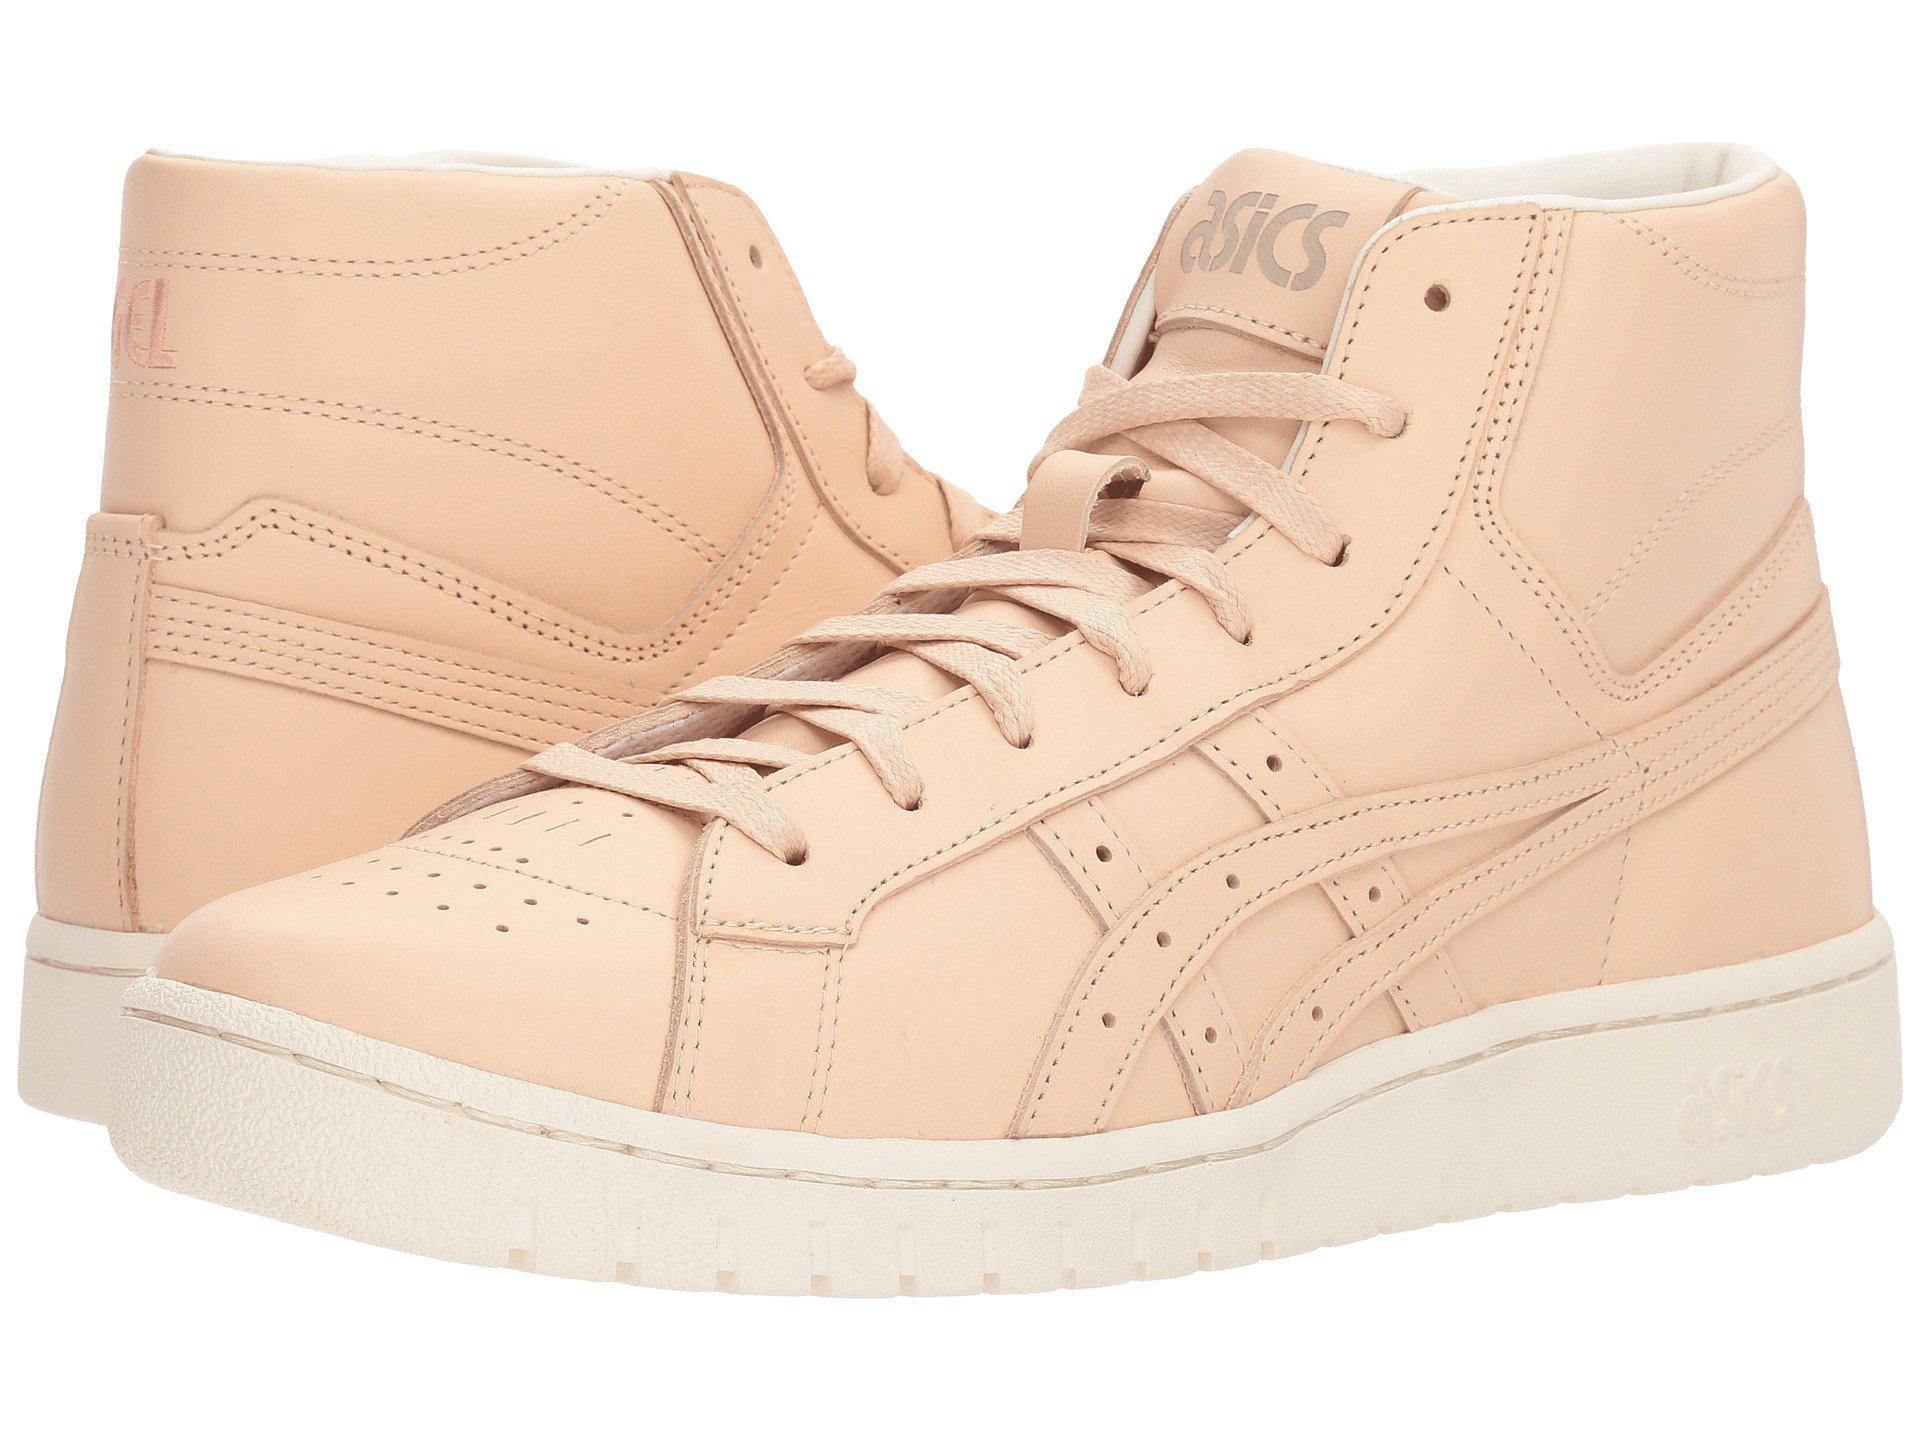 05fccf890dd1 Lyst - Asics Gel-ptg Mt (tan tan) Athletic Shoes